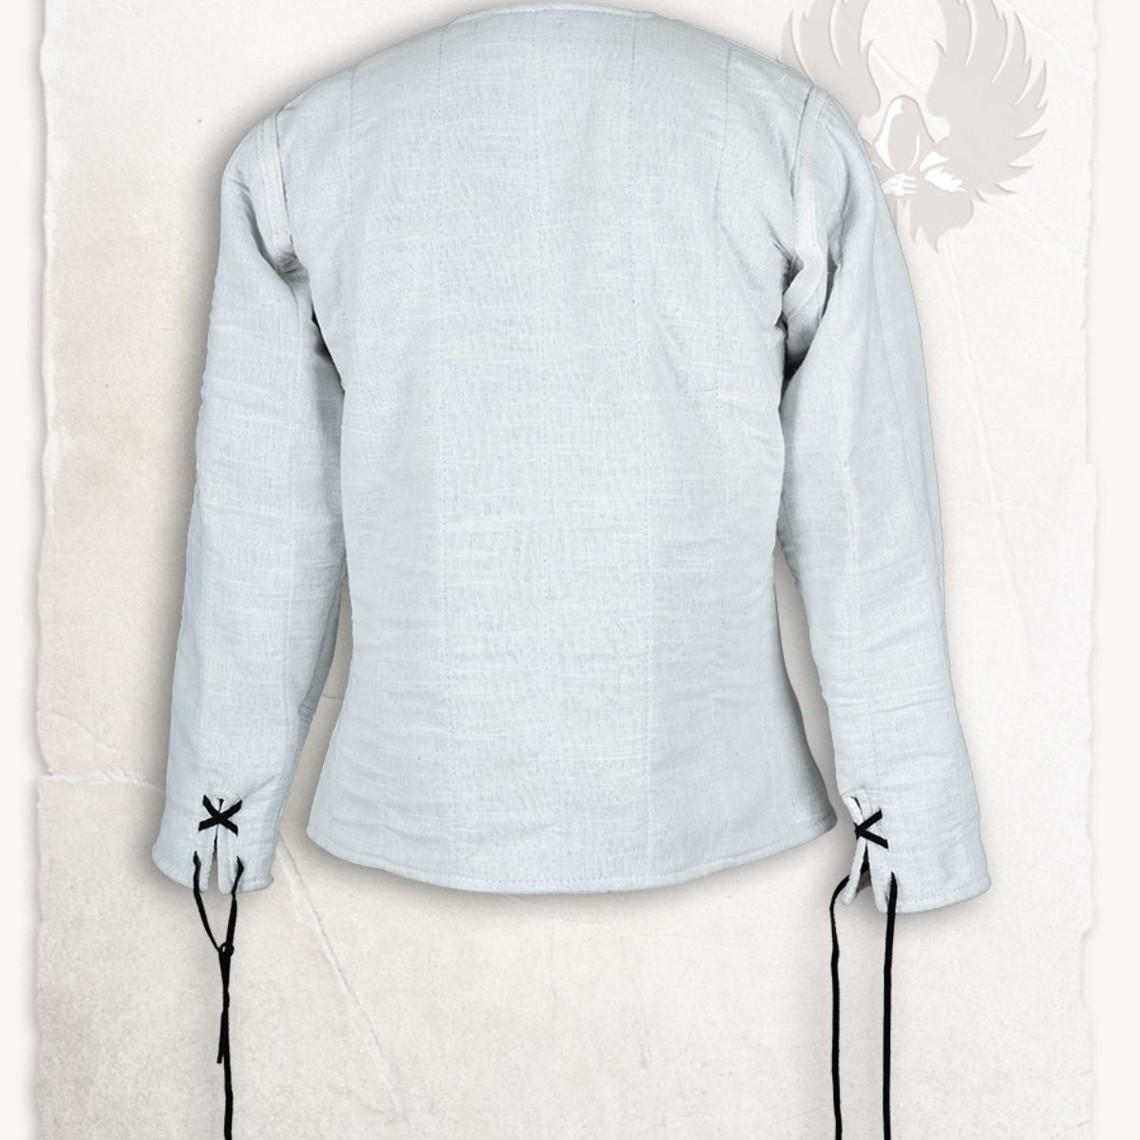 Mytholon Linen Gambeson findes Aulber hvid